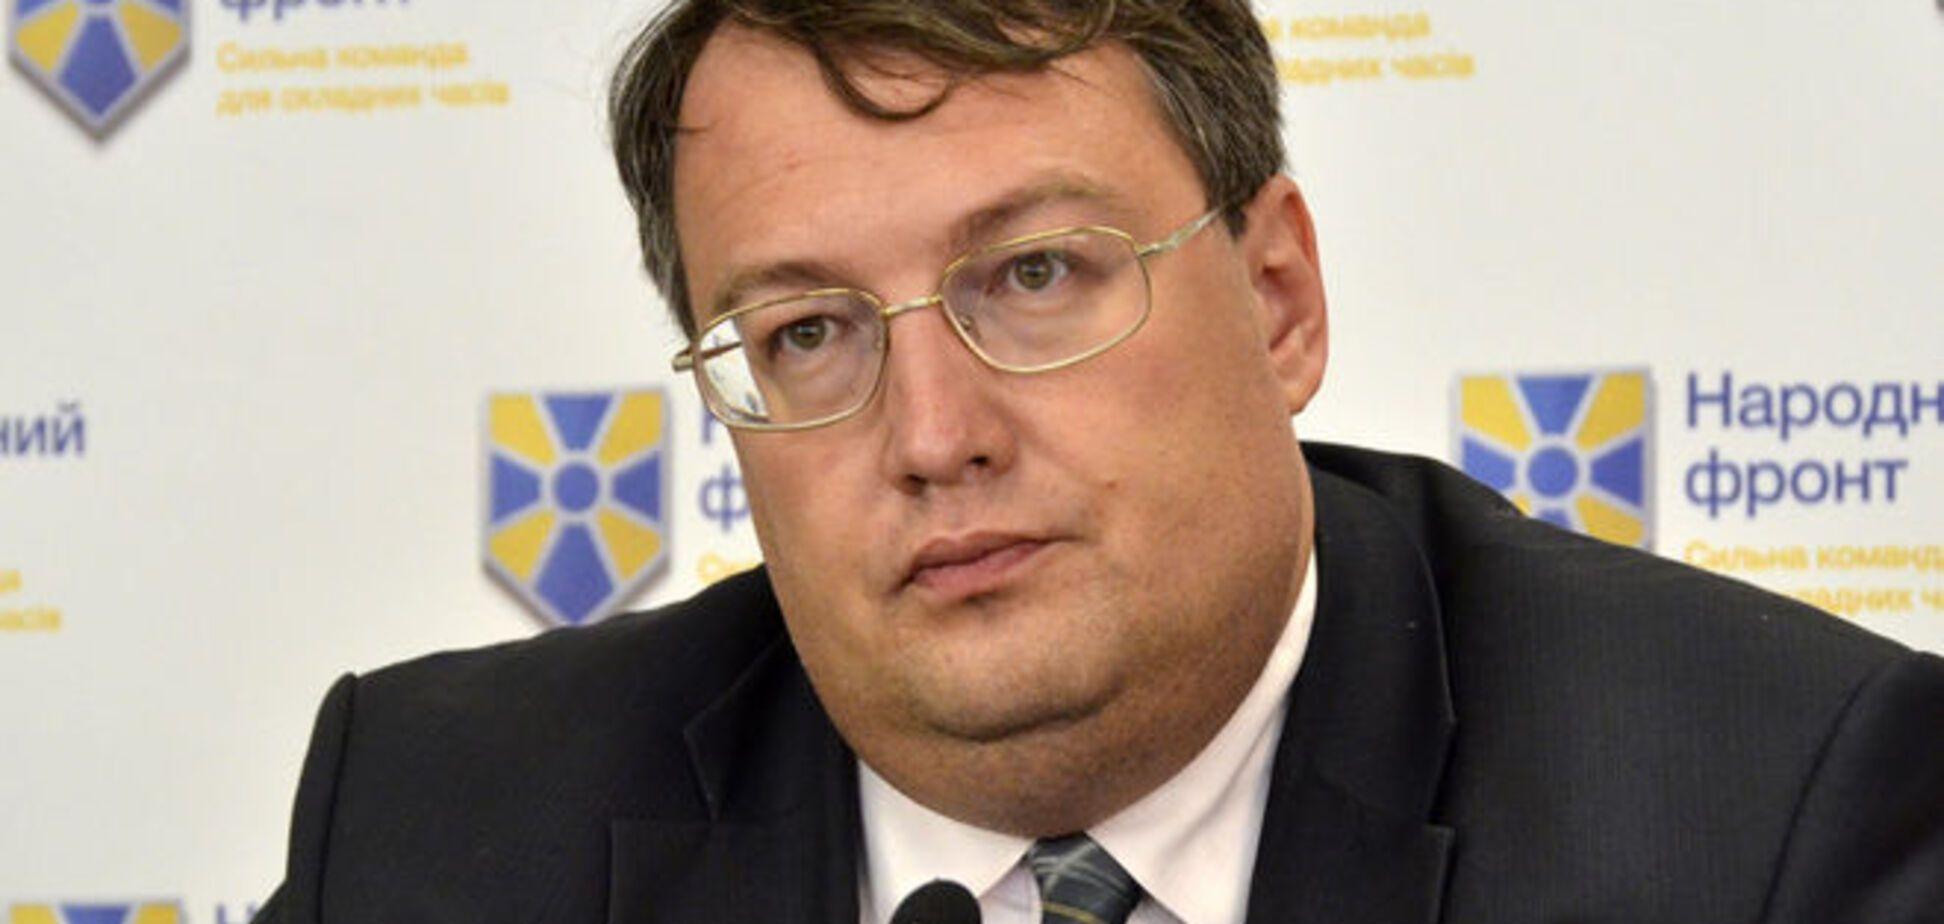 Омбудсмен требует привлечь к уголовной ответственности Геращенко и Ко